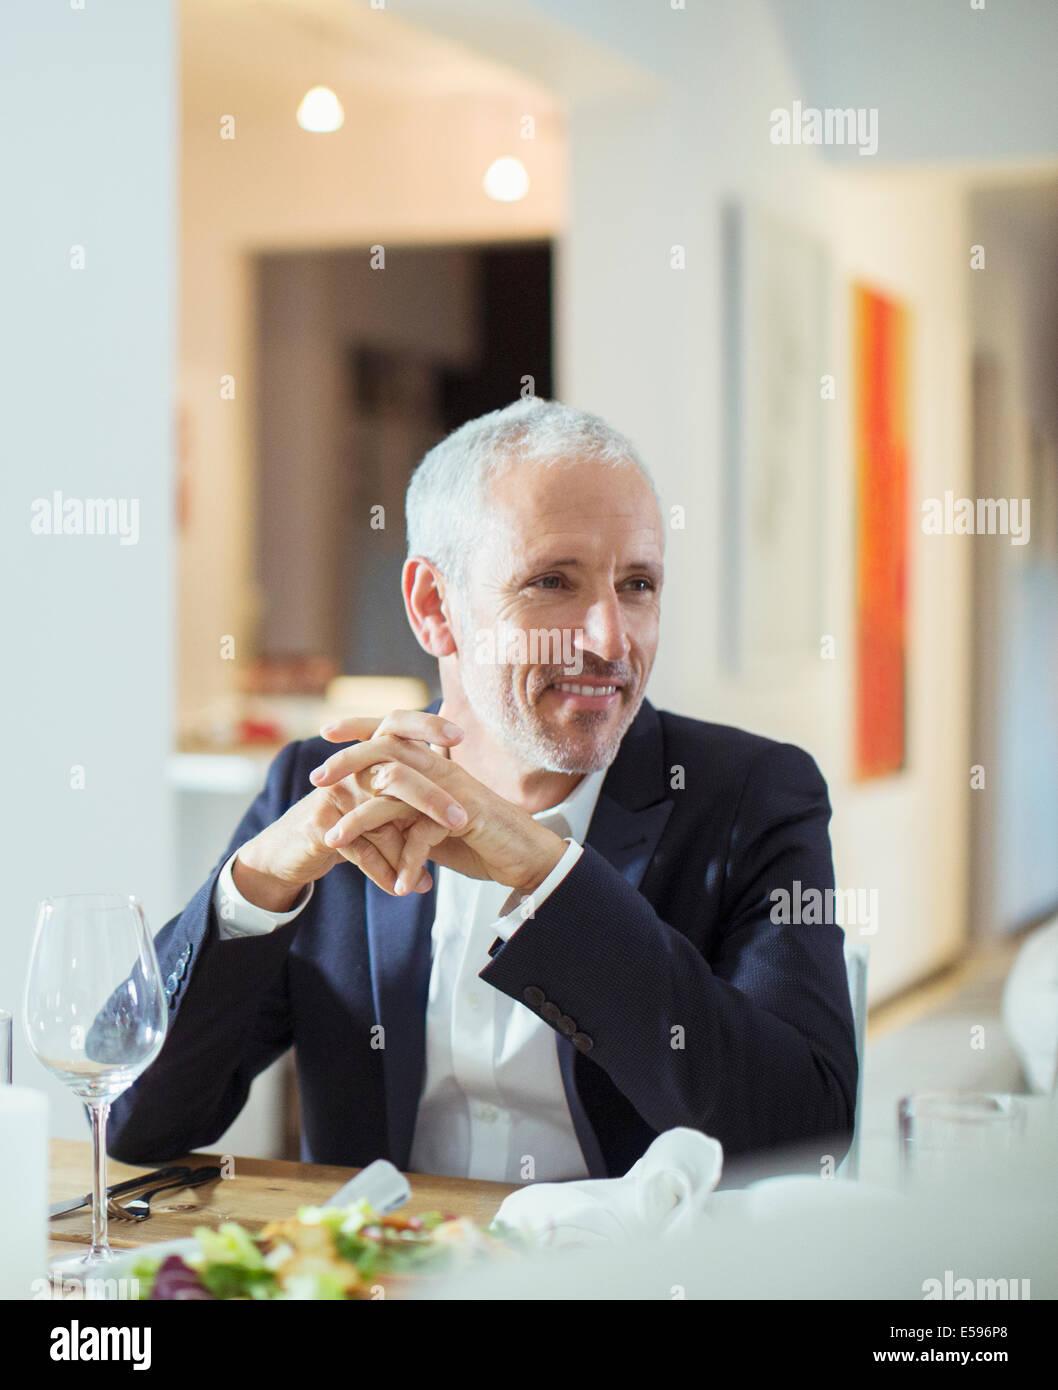 Hombre sentado en la cena Imagen De Stock